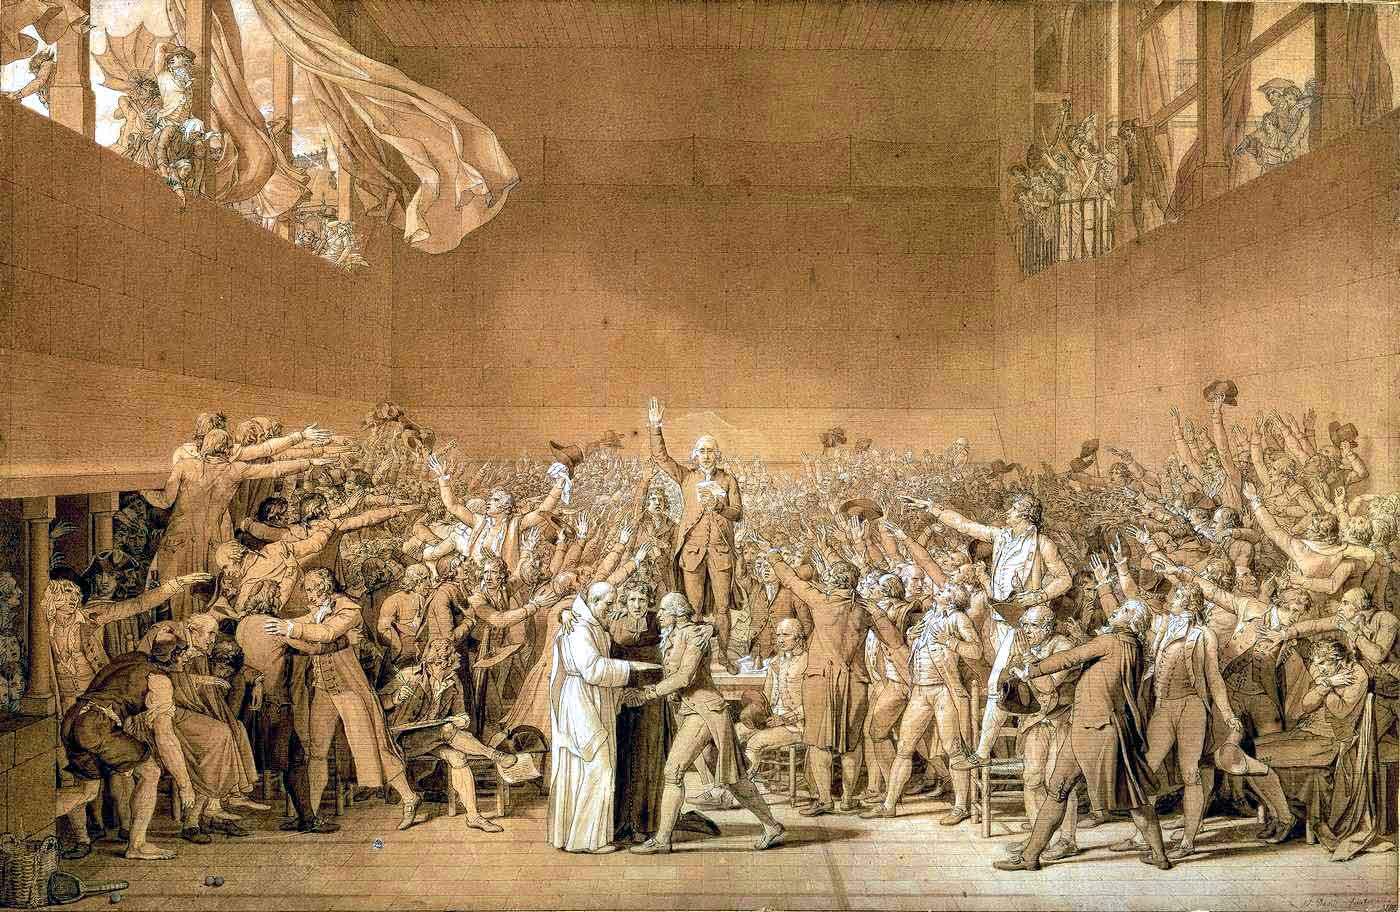 Le Serment du Jeu de paume, 1791.